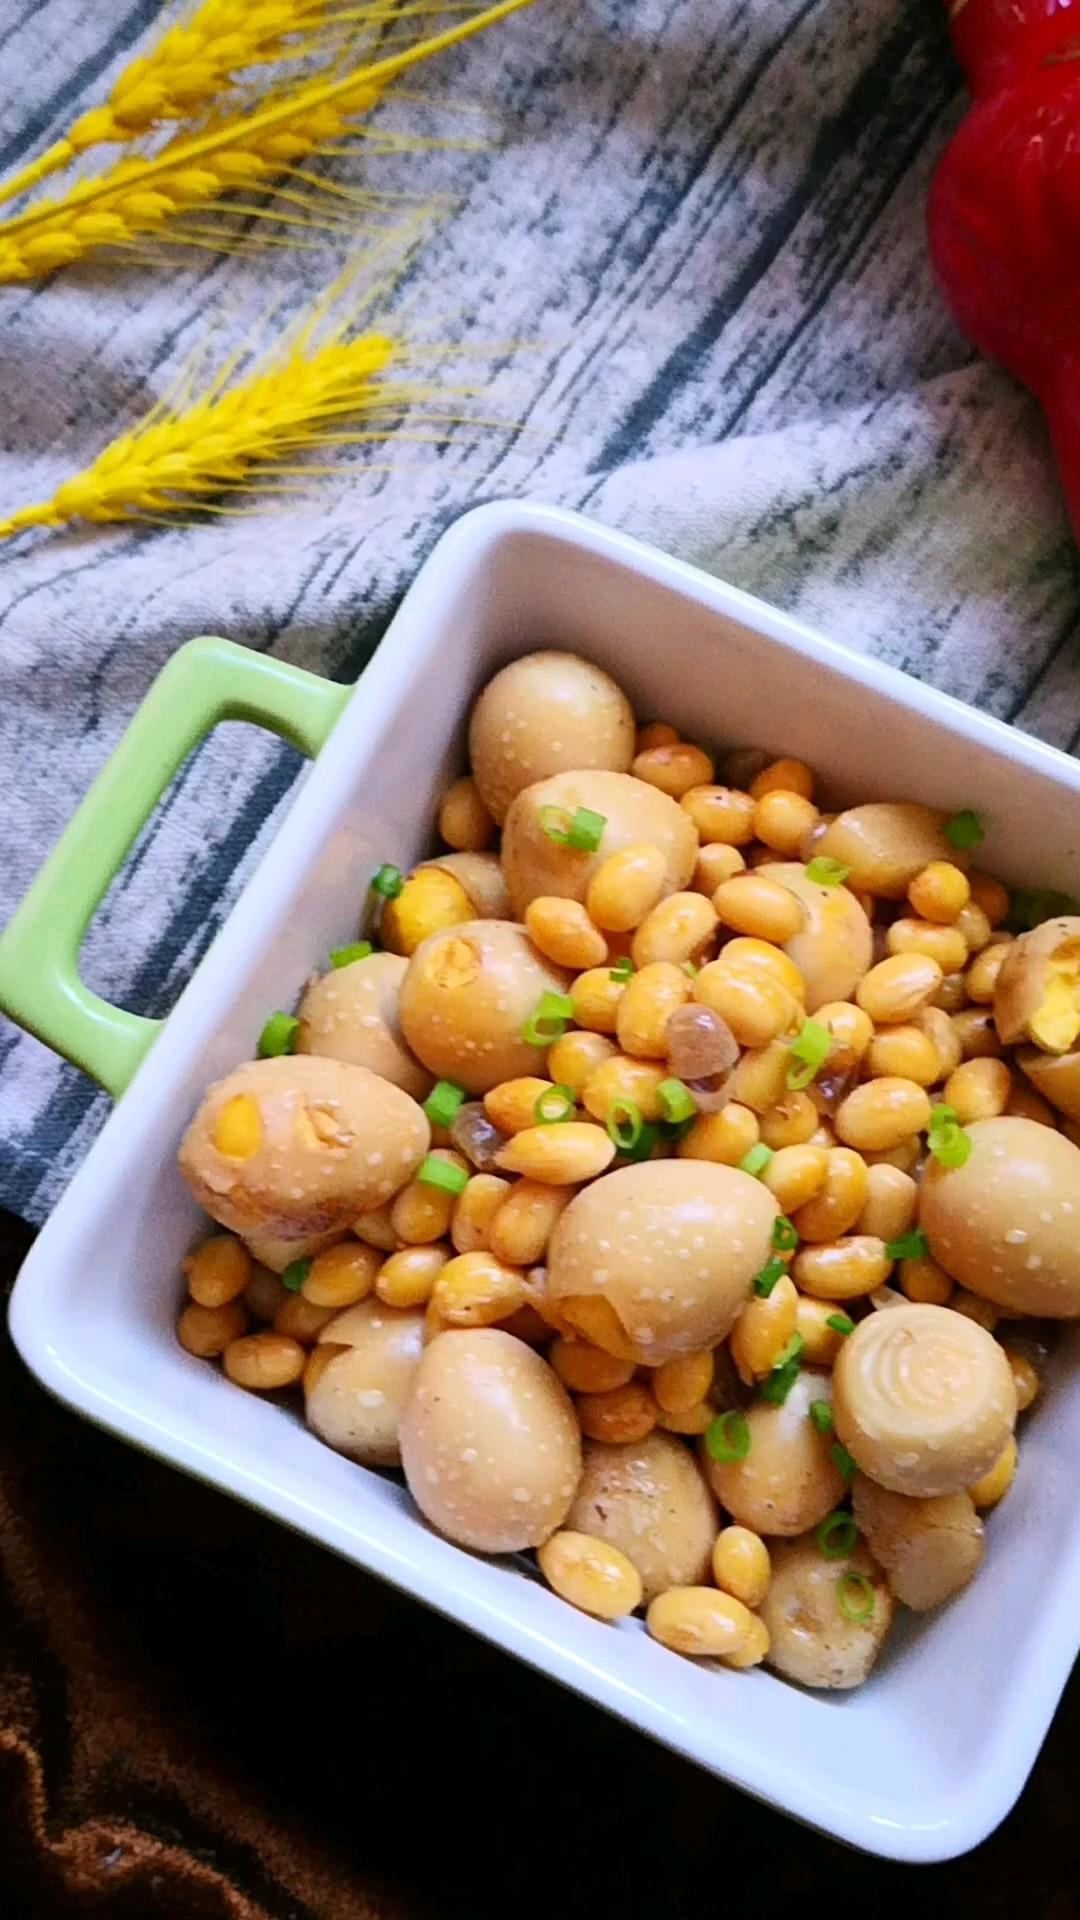 鹌鹑蛋酱黄豆的做法